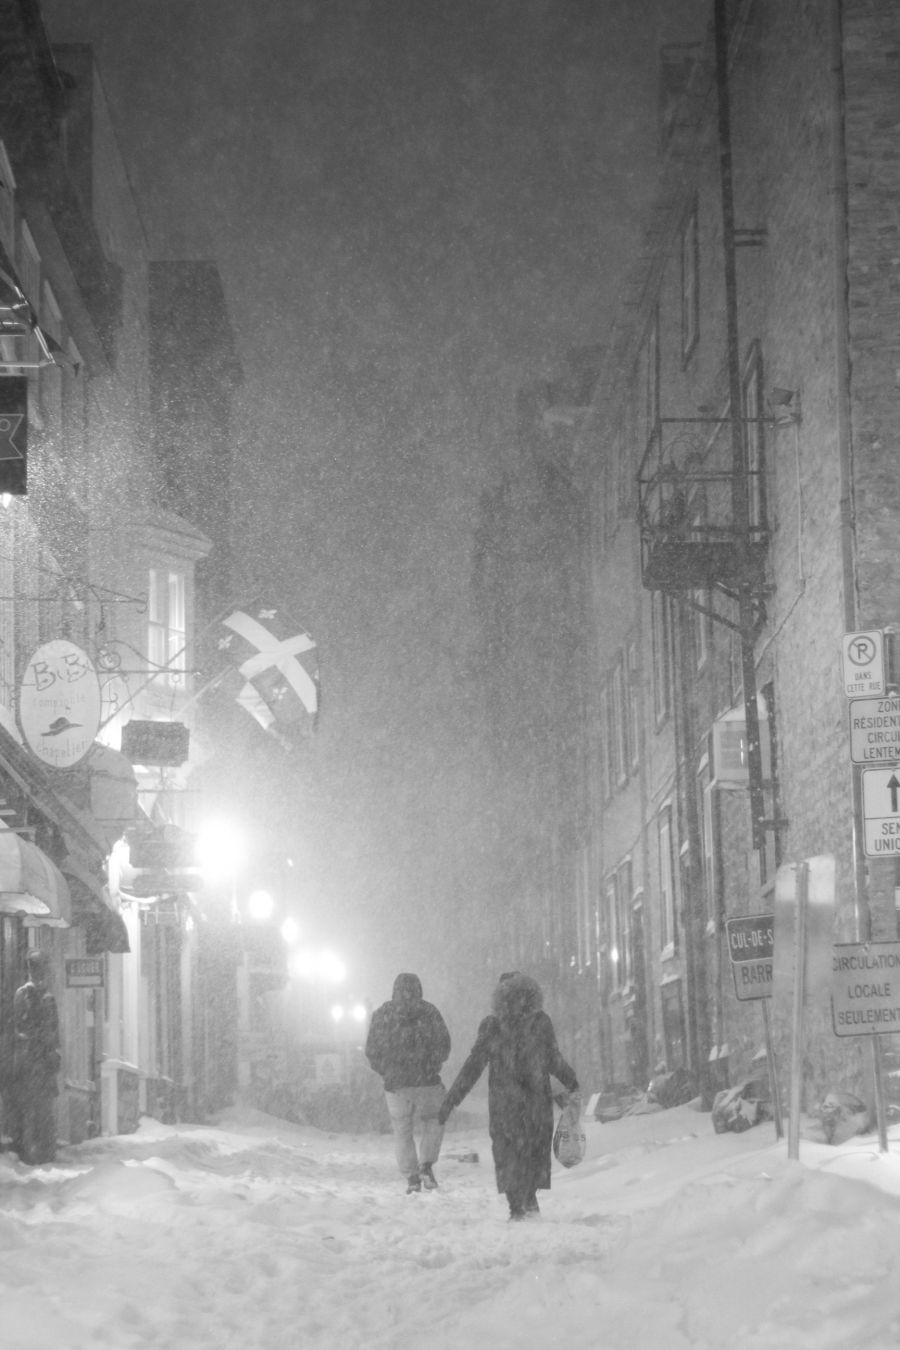 quebec quebec city snow storm december 29 2015 12